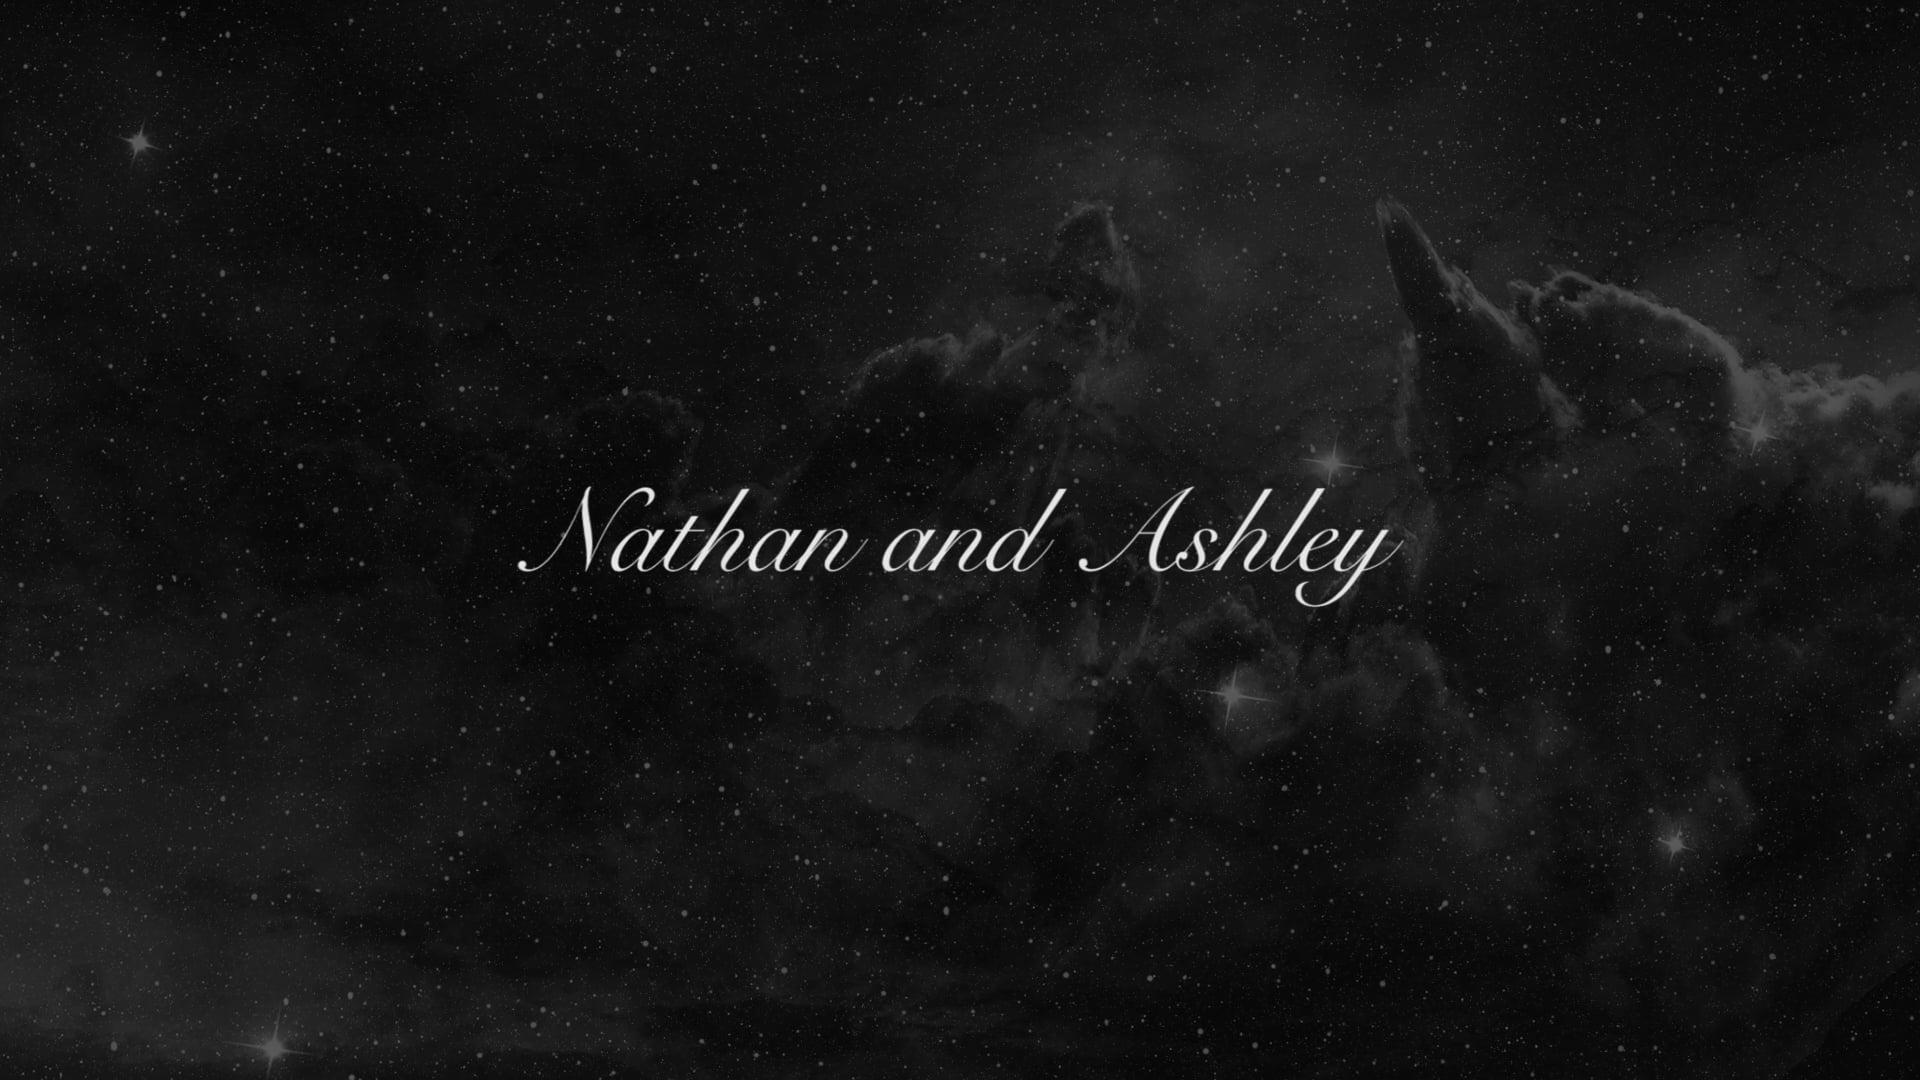 Nathan and Ashley